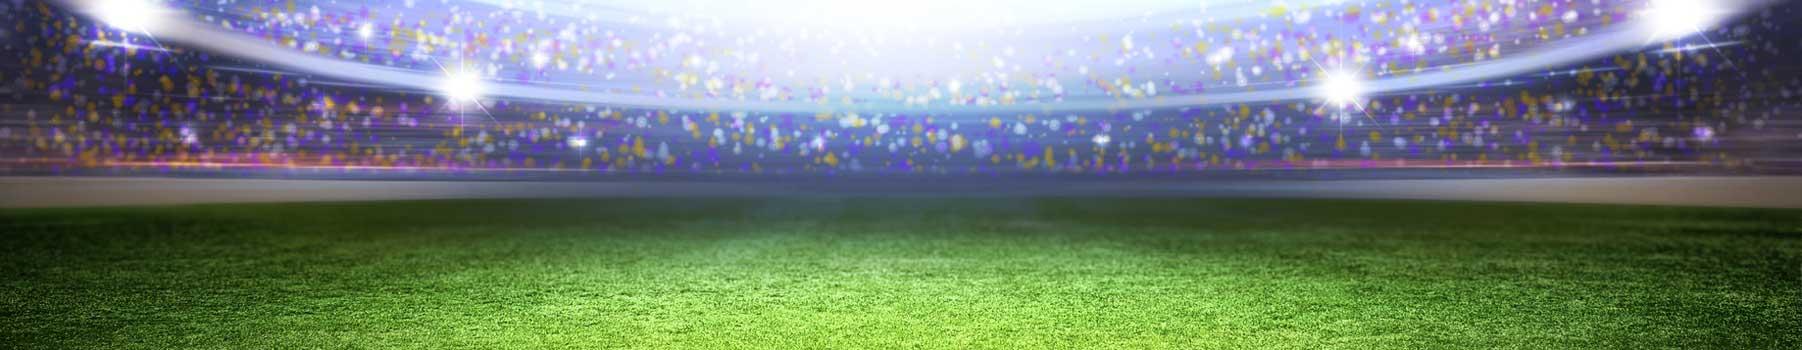 Fußballstadion (Hintergrund)